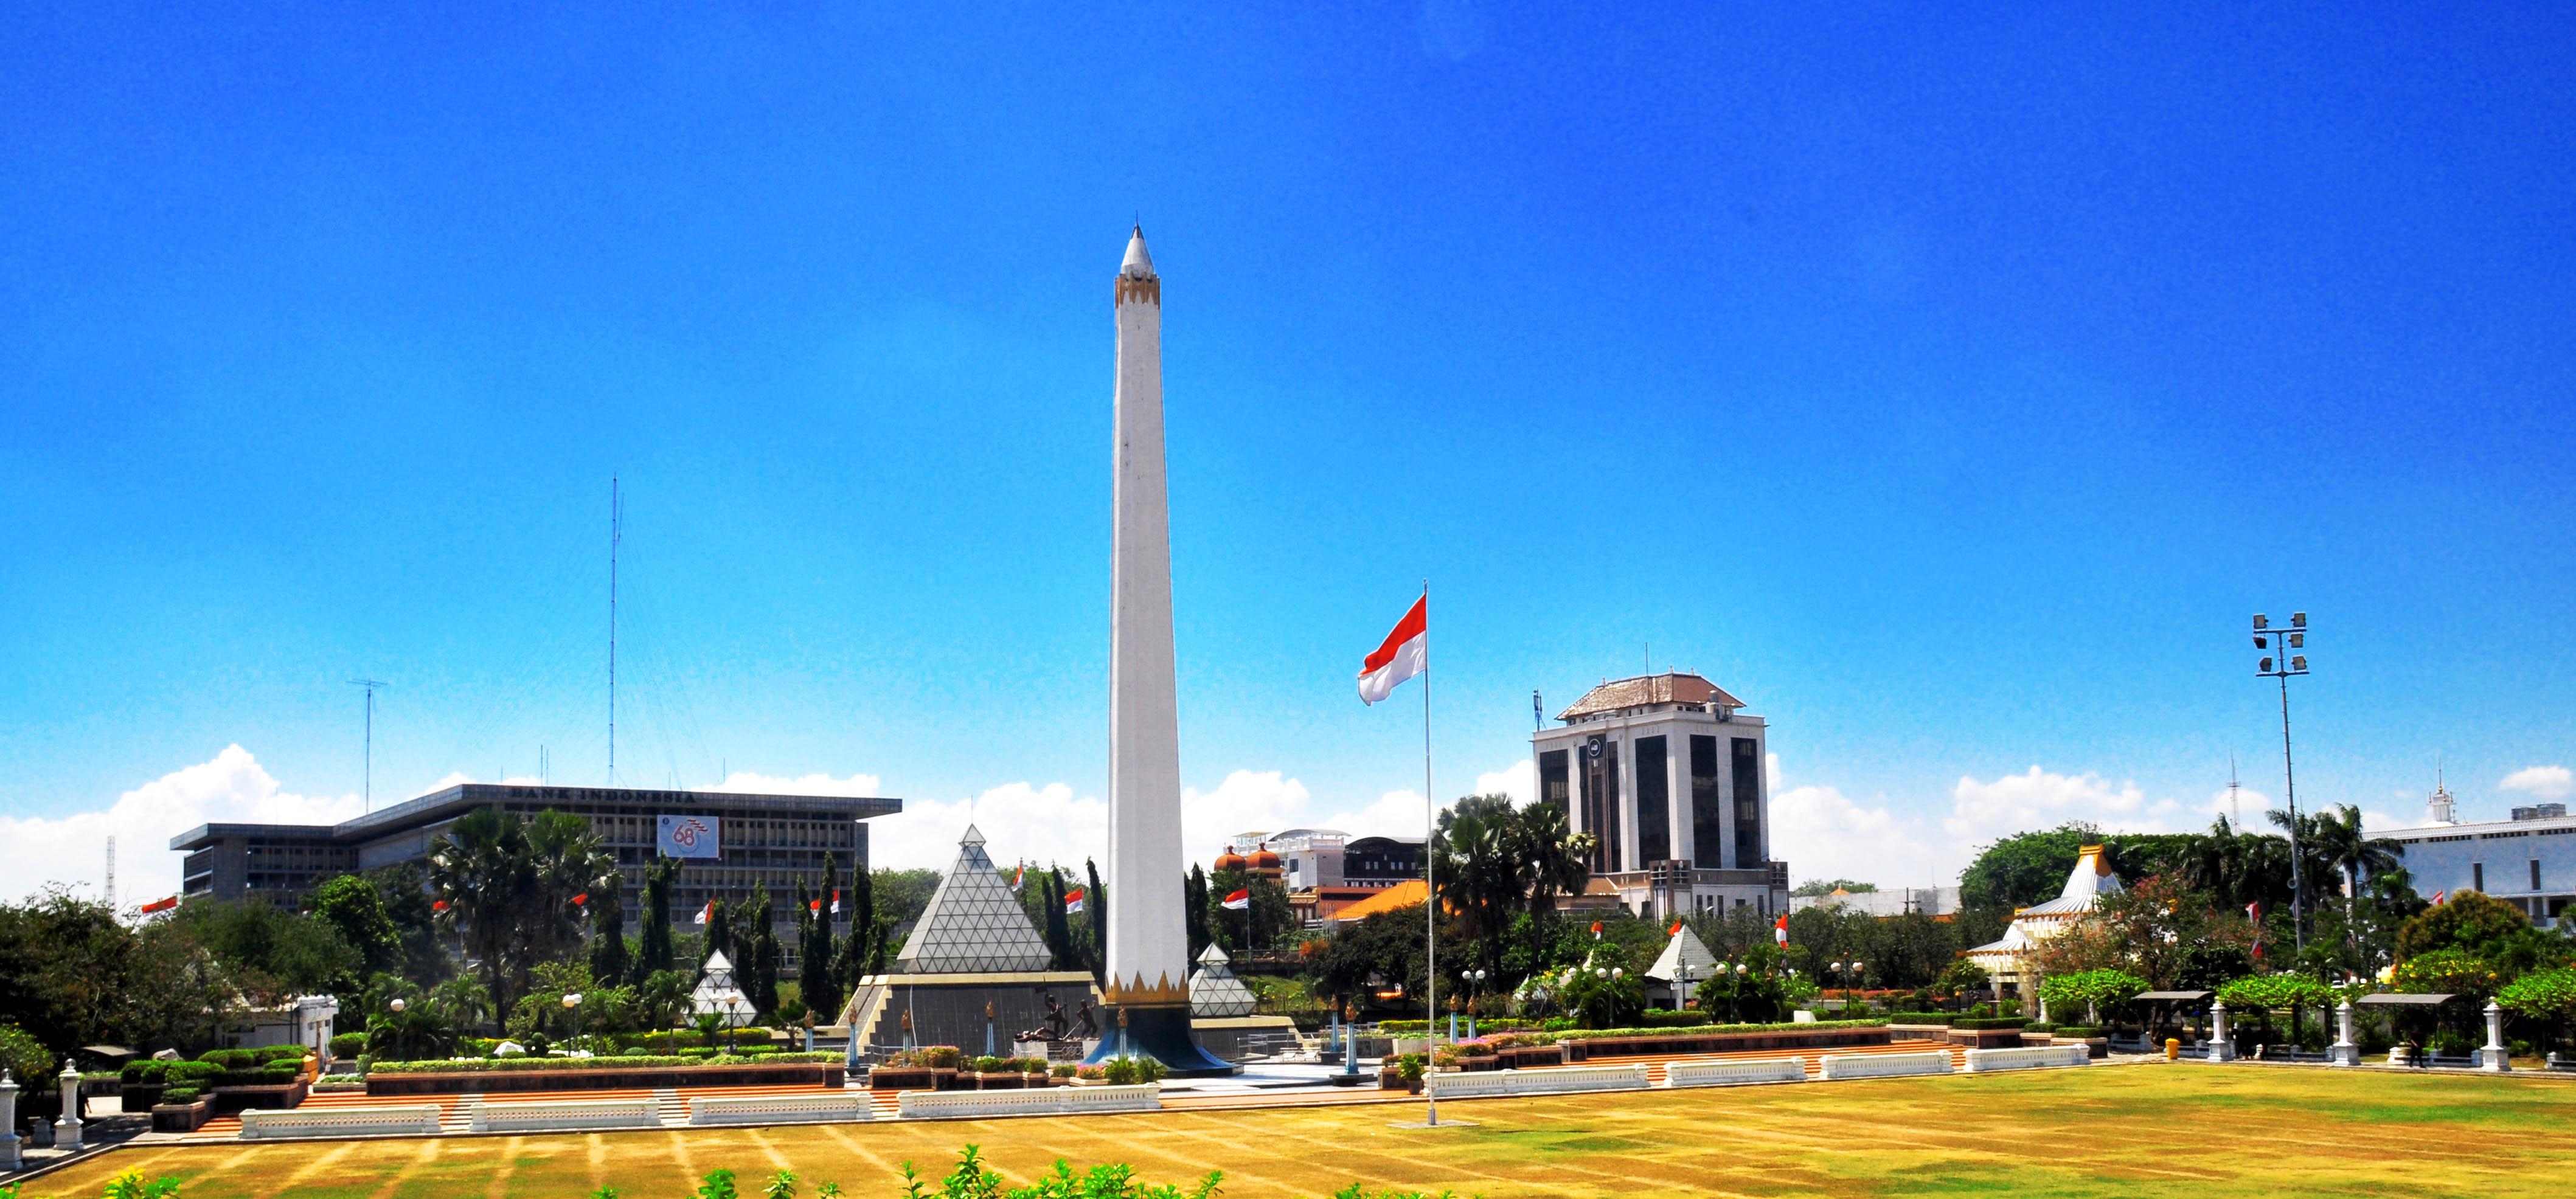 Tugu Pahlawan Monumen Kebanggaan Surabaya Indonesia Ngetren Wisata Kota